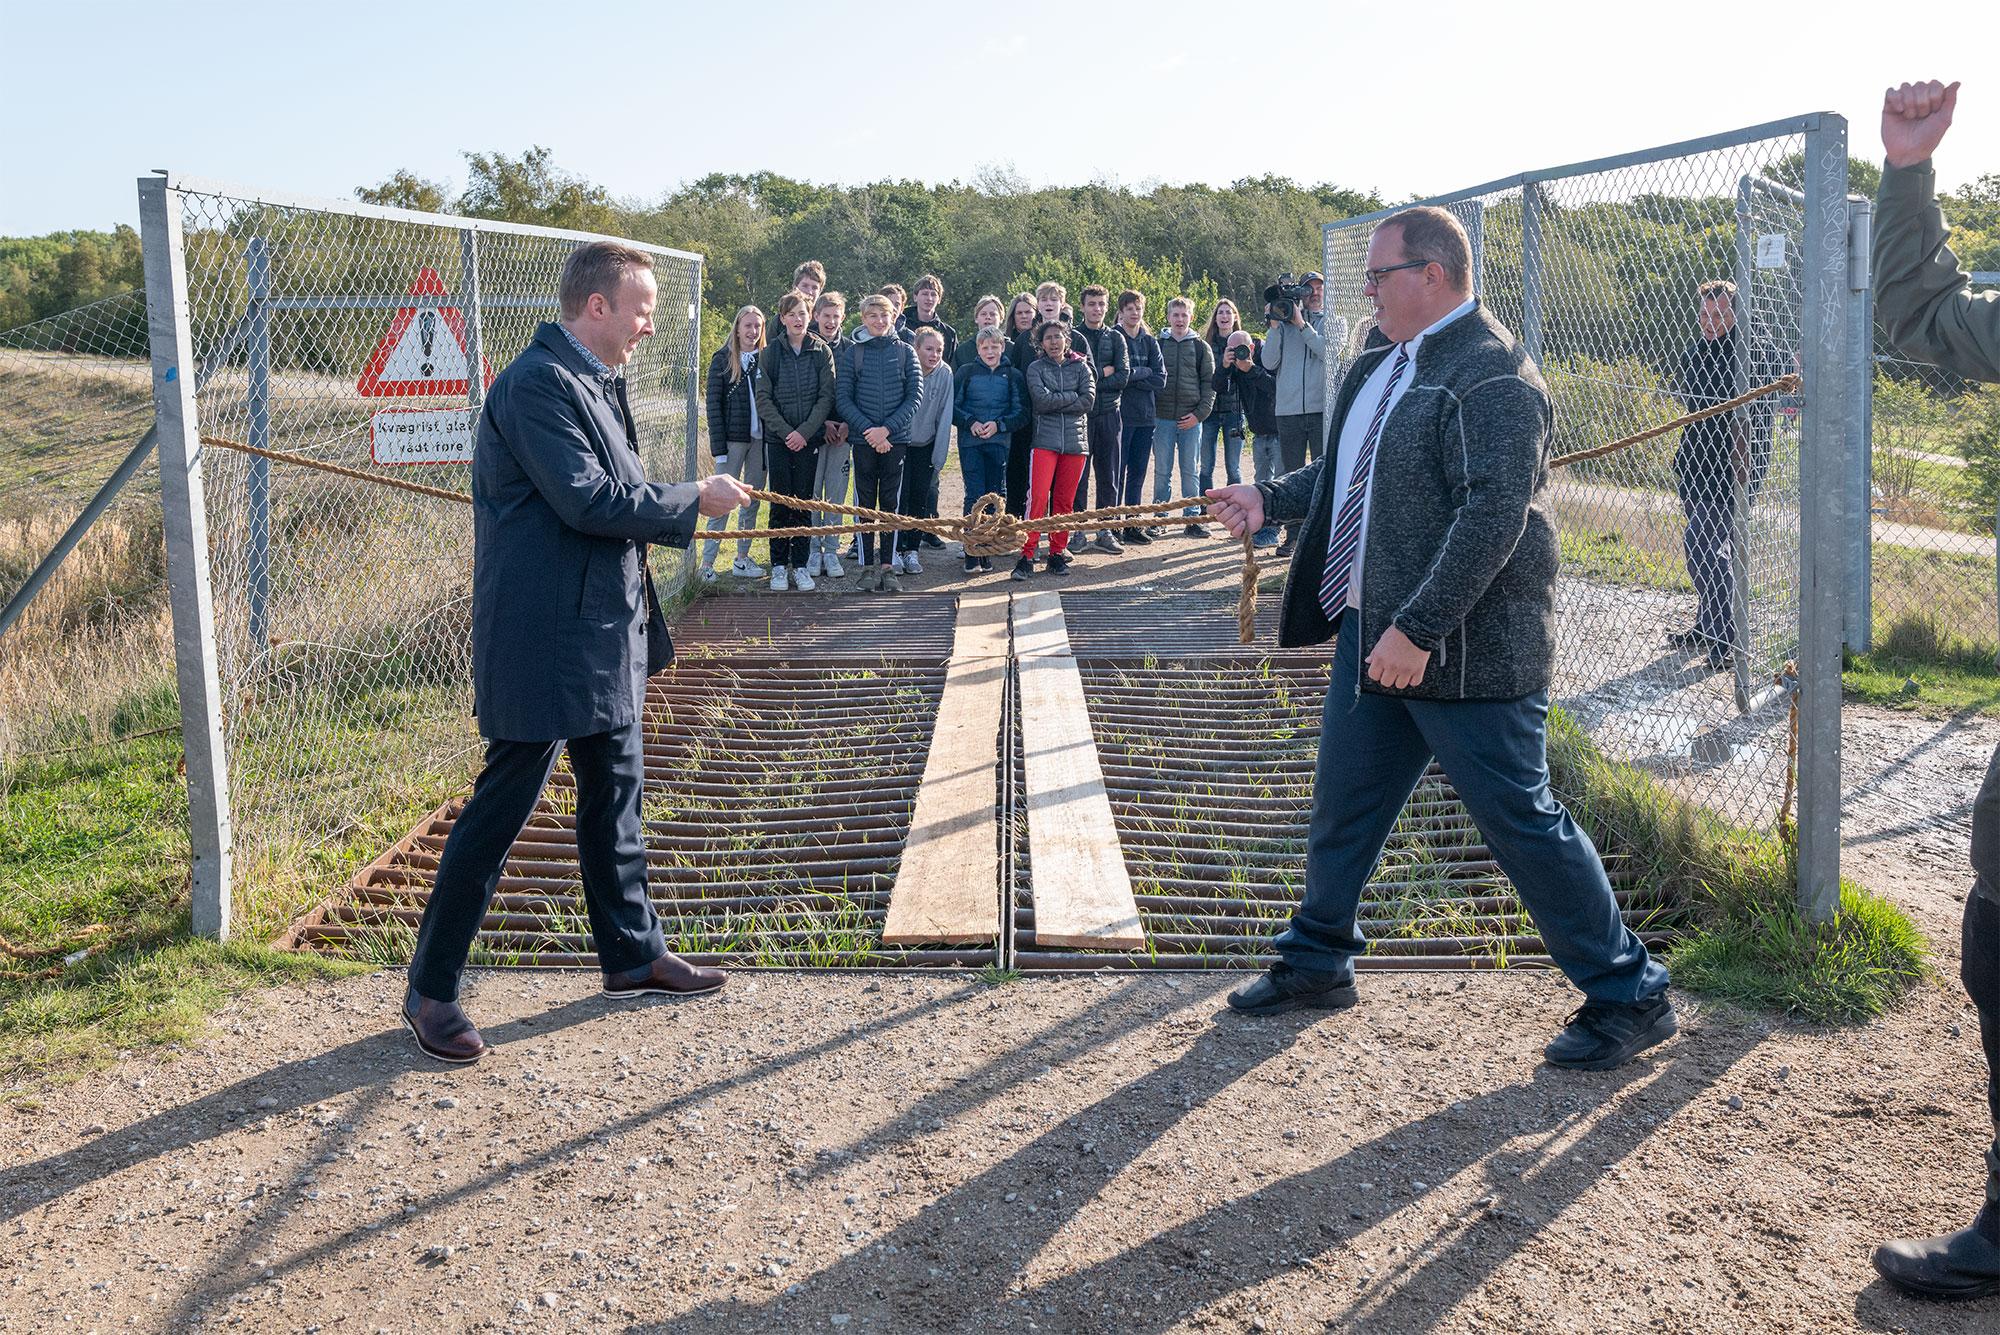 Allan S. Andersen, borgmester i Tårnby, og Eik Dahl Bidstrup, borgmester i Dragør, åbner Amarminoen. Foto: TorbenStender.